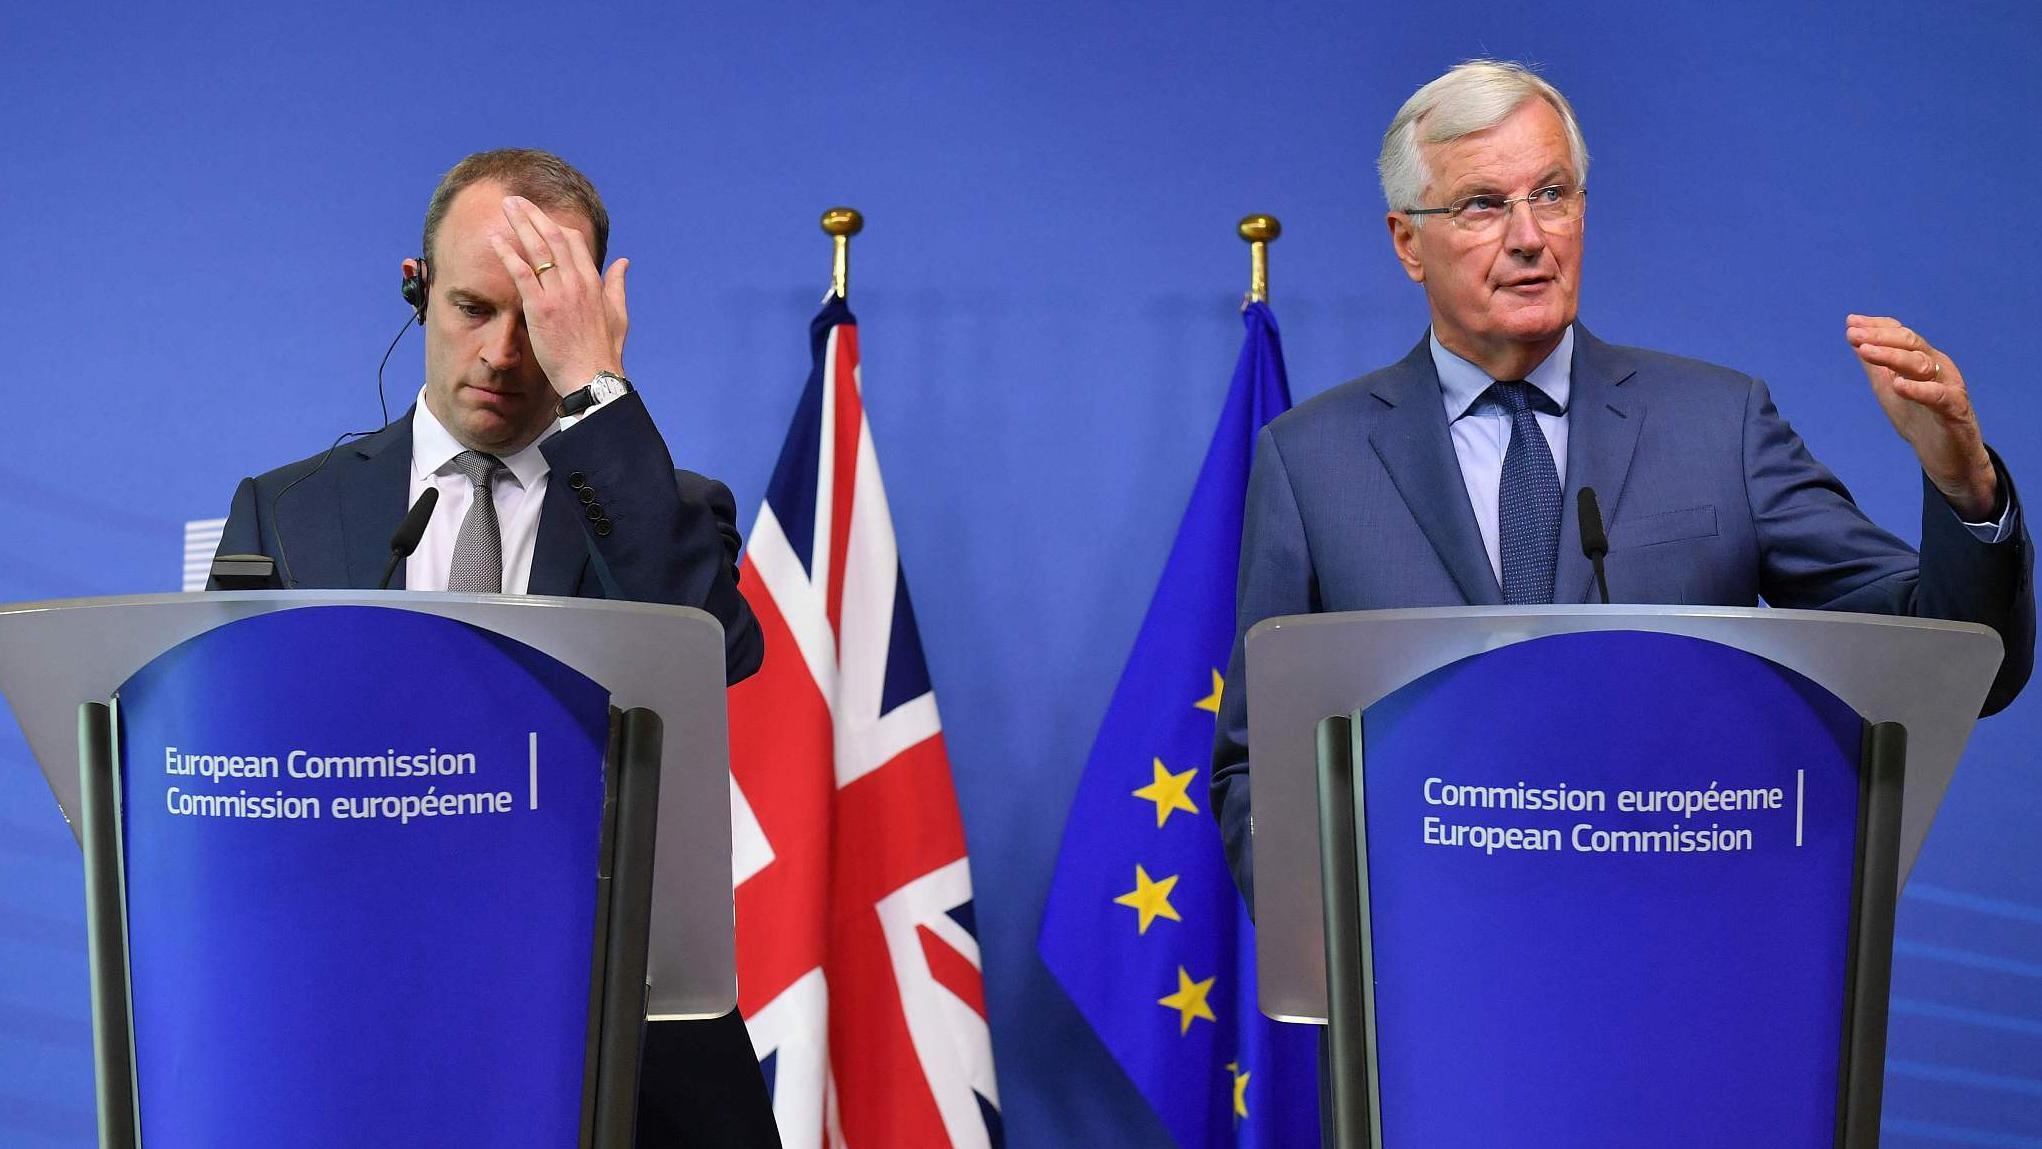 Brexit talks stall before midweek EU summit